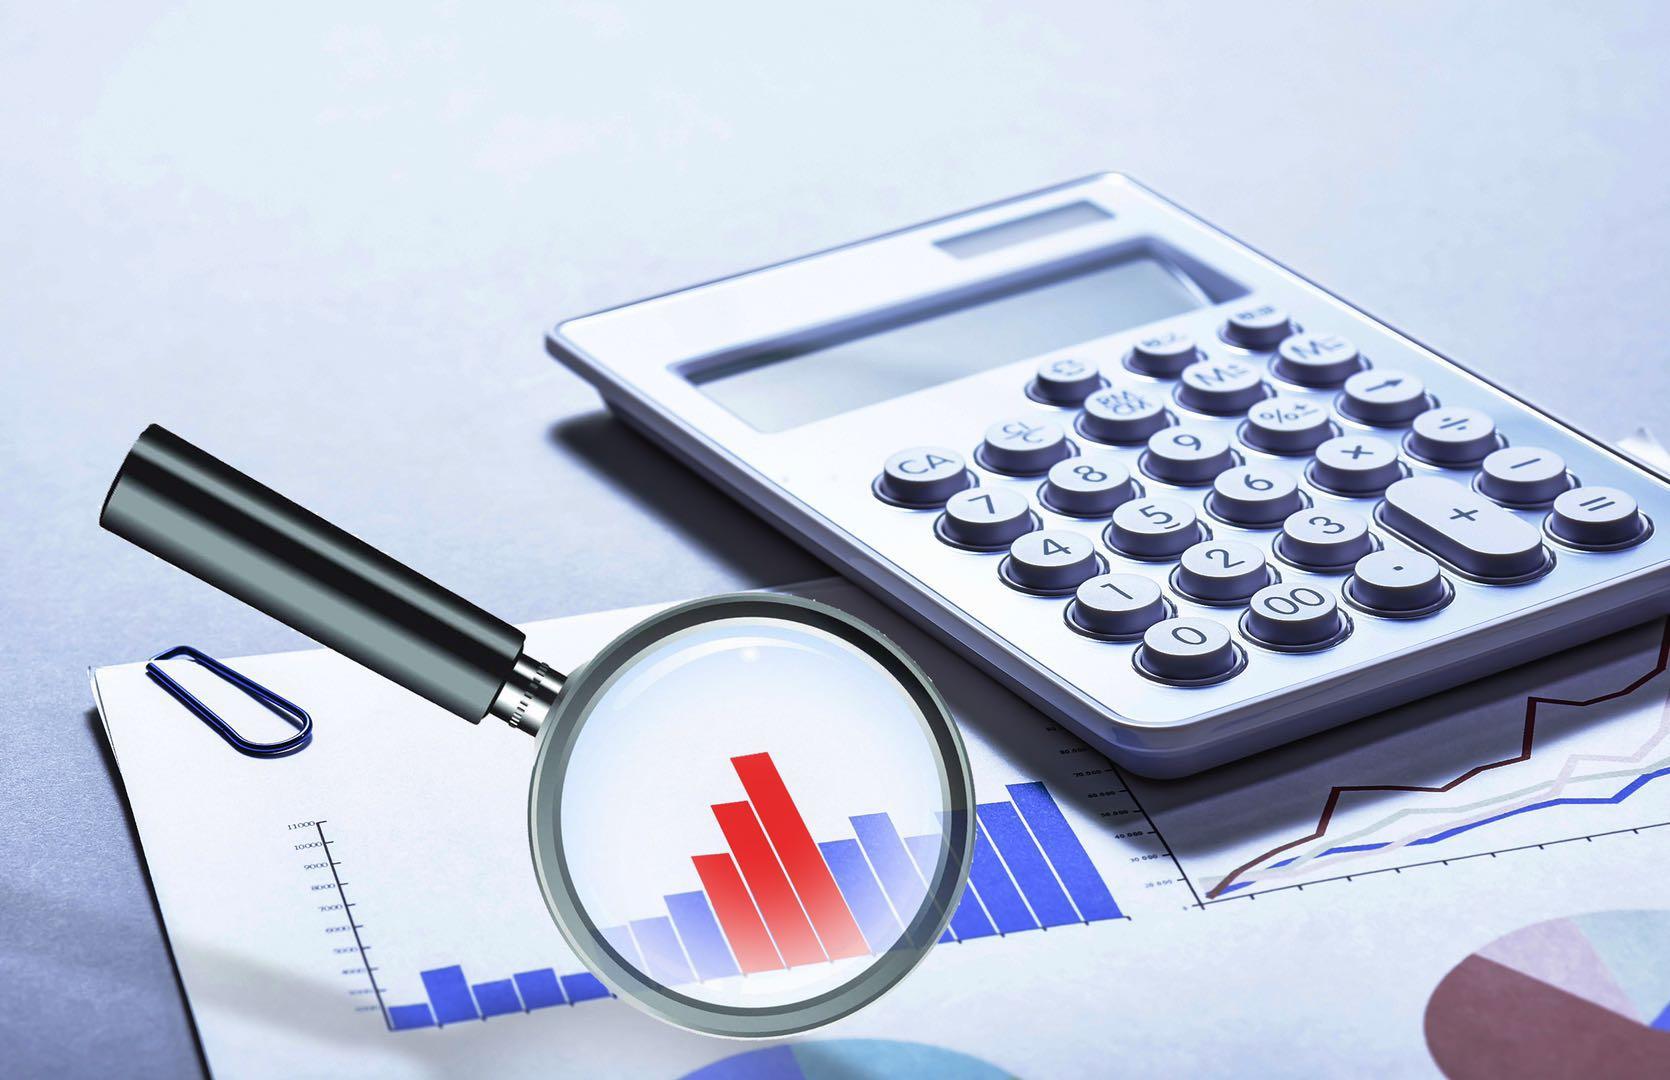 大北农:9月生猪销售收入6.59亿元 环比增长30.24%